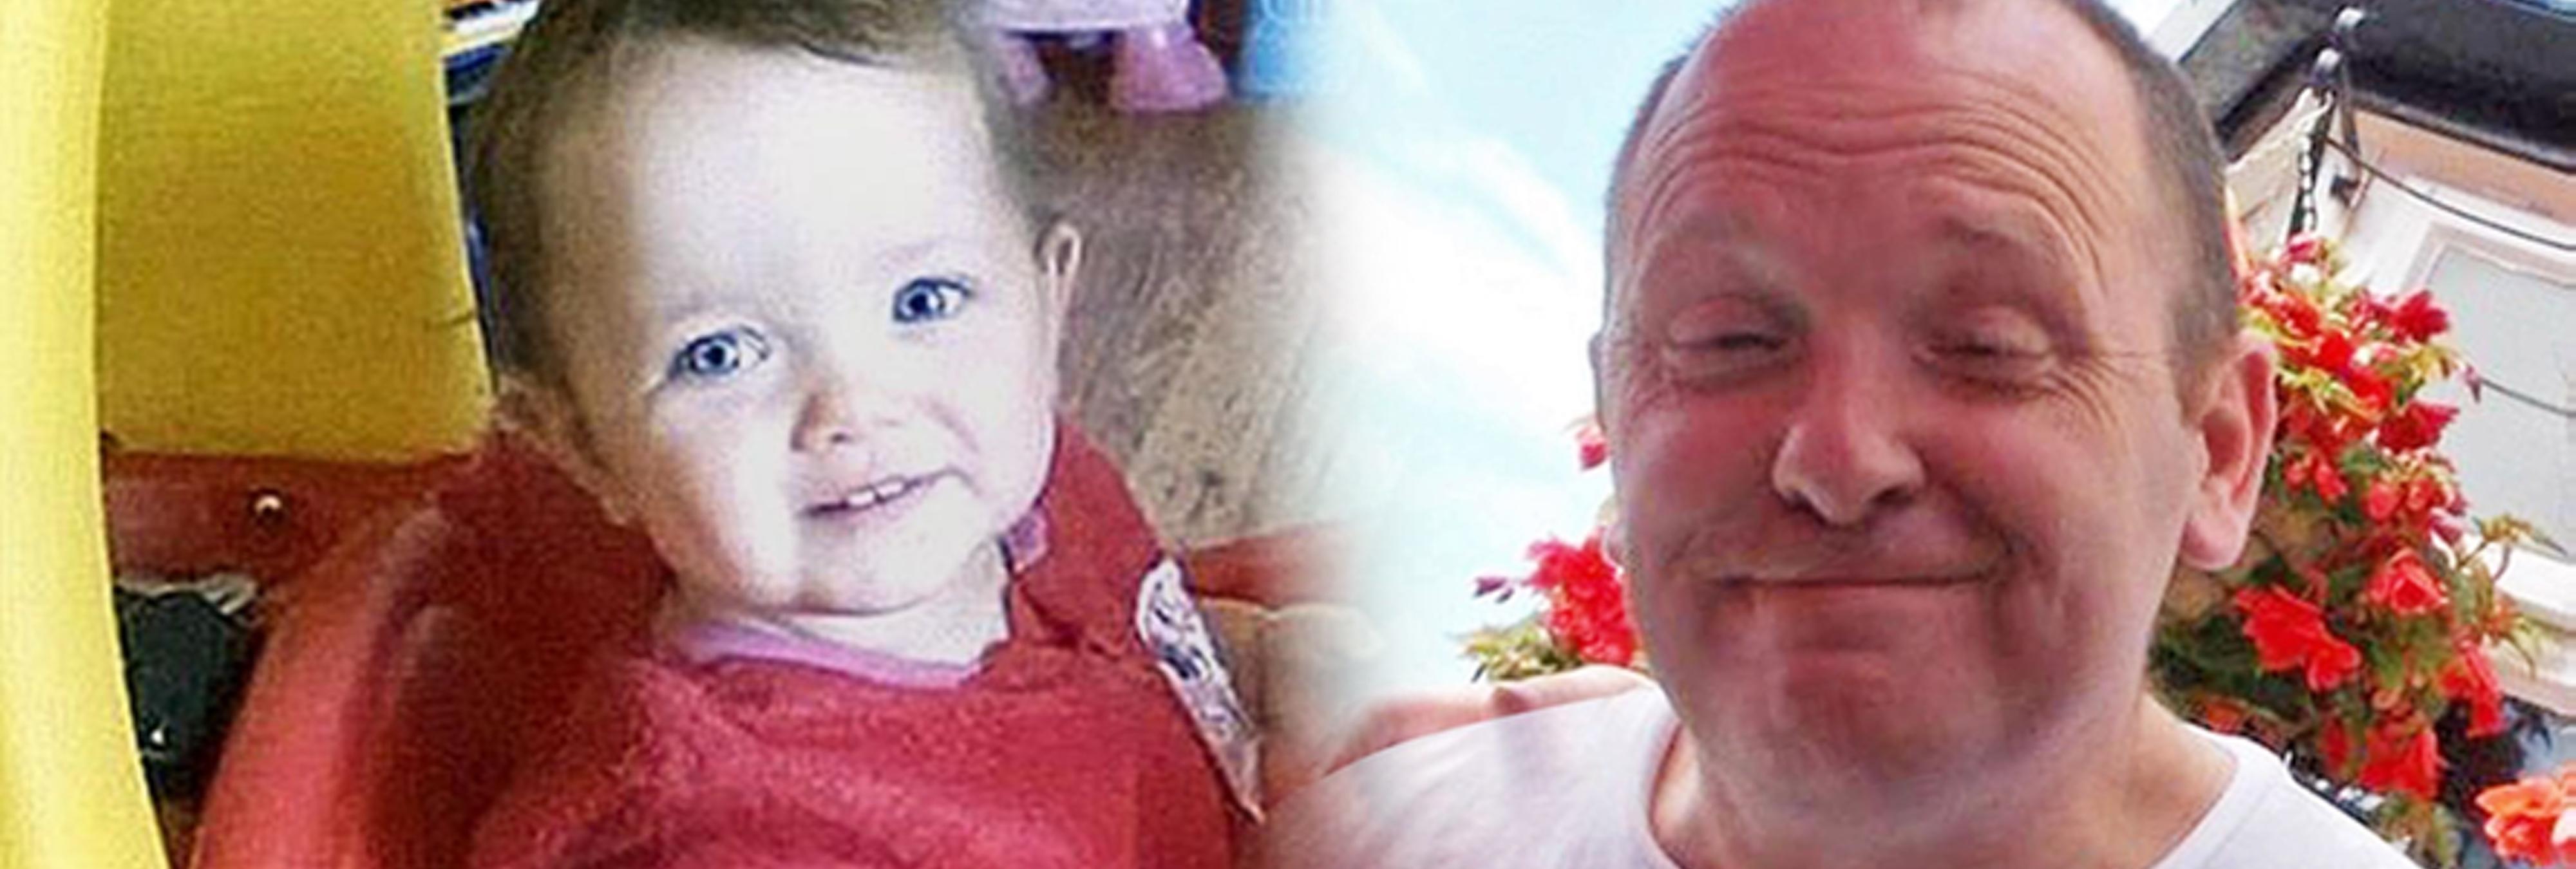 Absuelto tras violar a un bebé de 13 meses hasta la muerte porque la Policía perdió pruebas